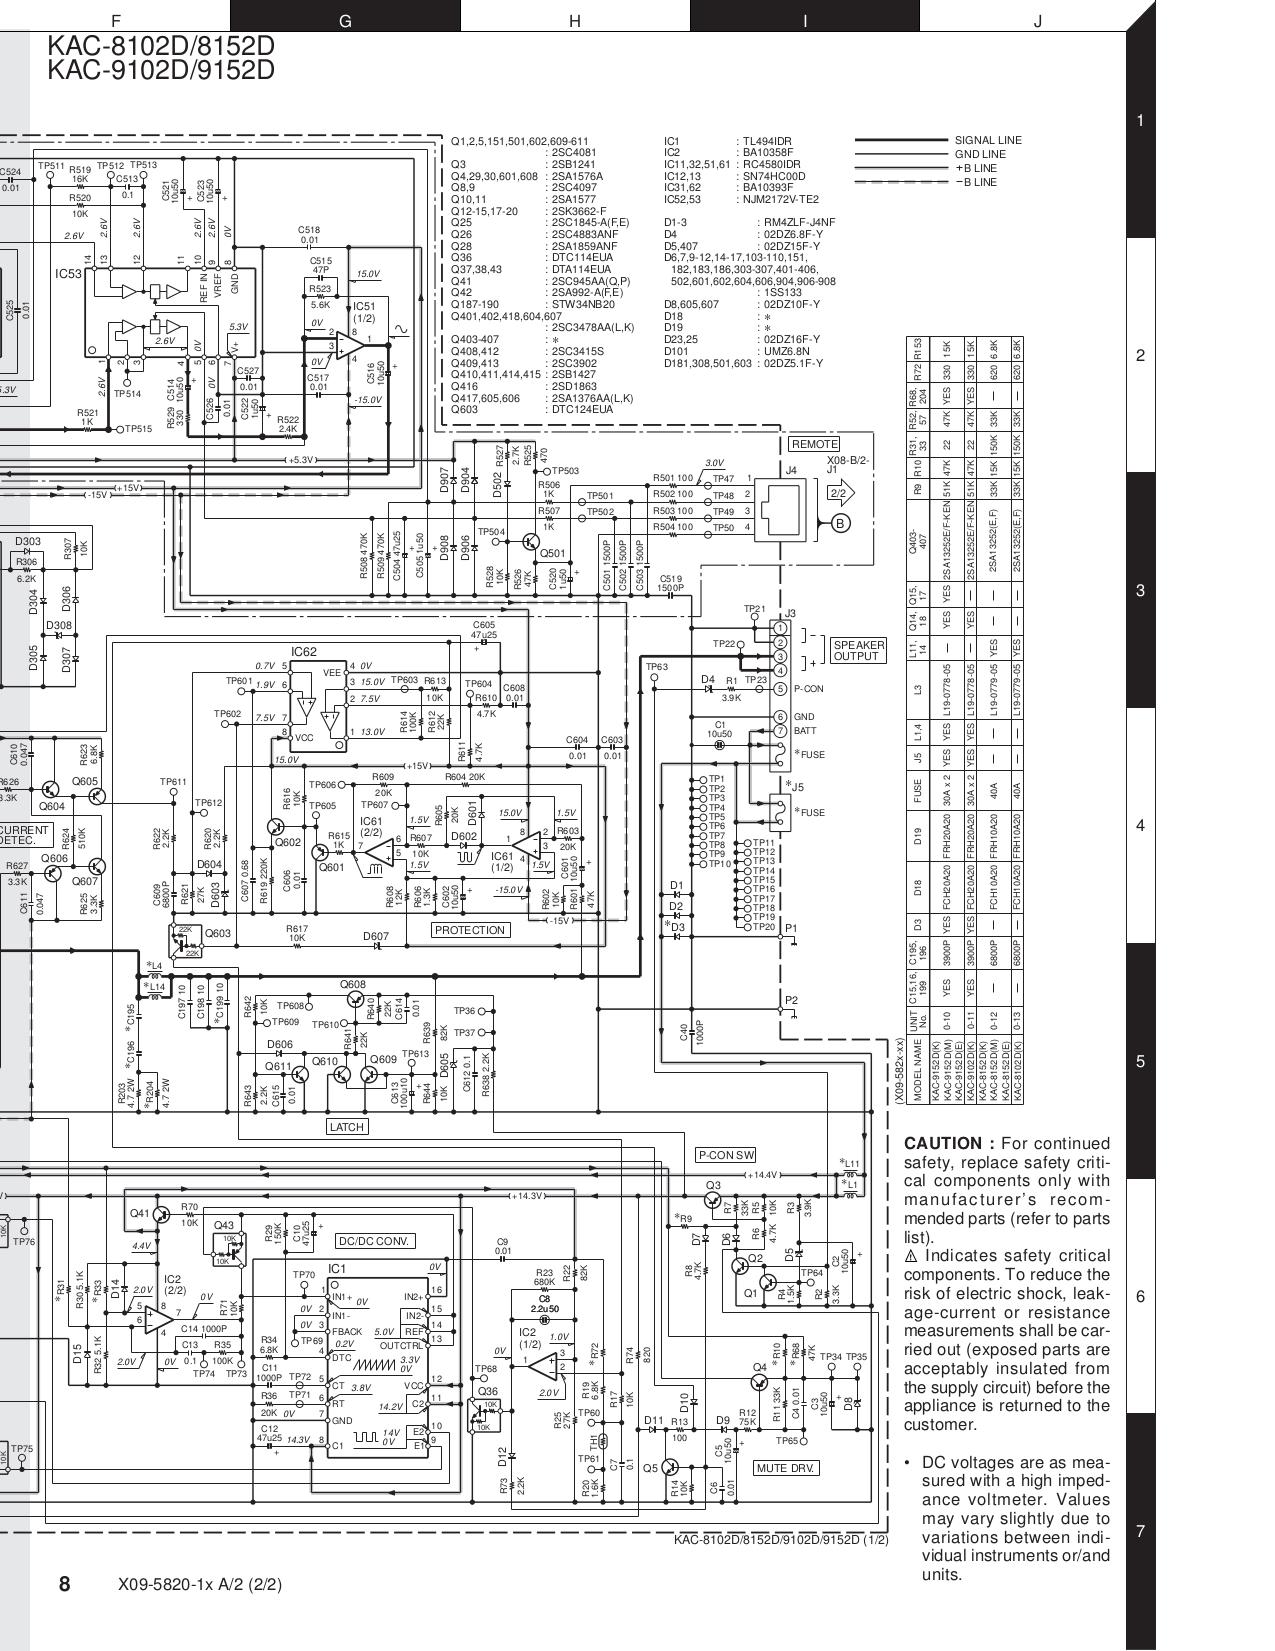 Kenwood Kac 622 Wiring Diagram Automotive Diagrams Amplifier Pdf Manual For Amp Radio